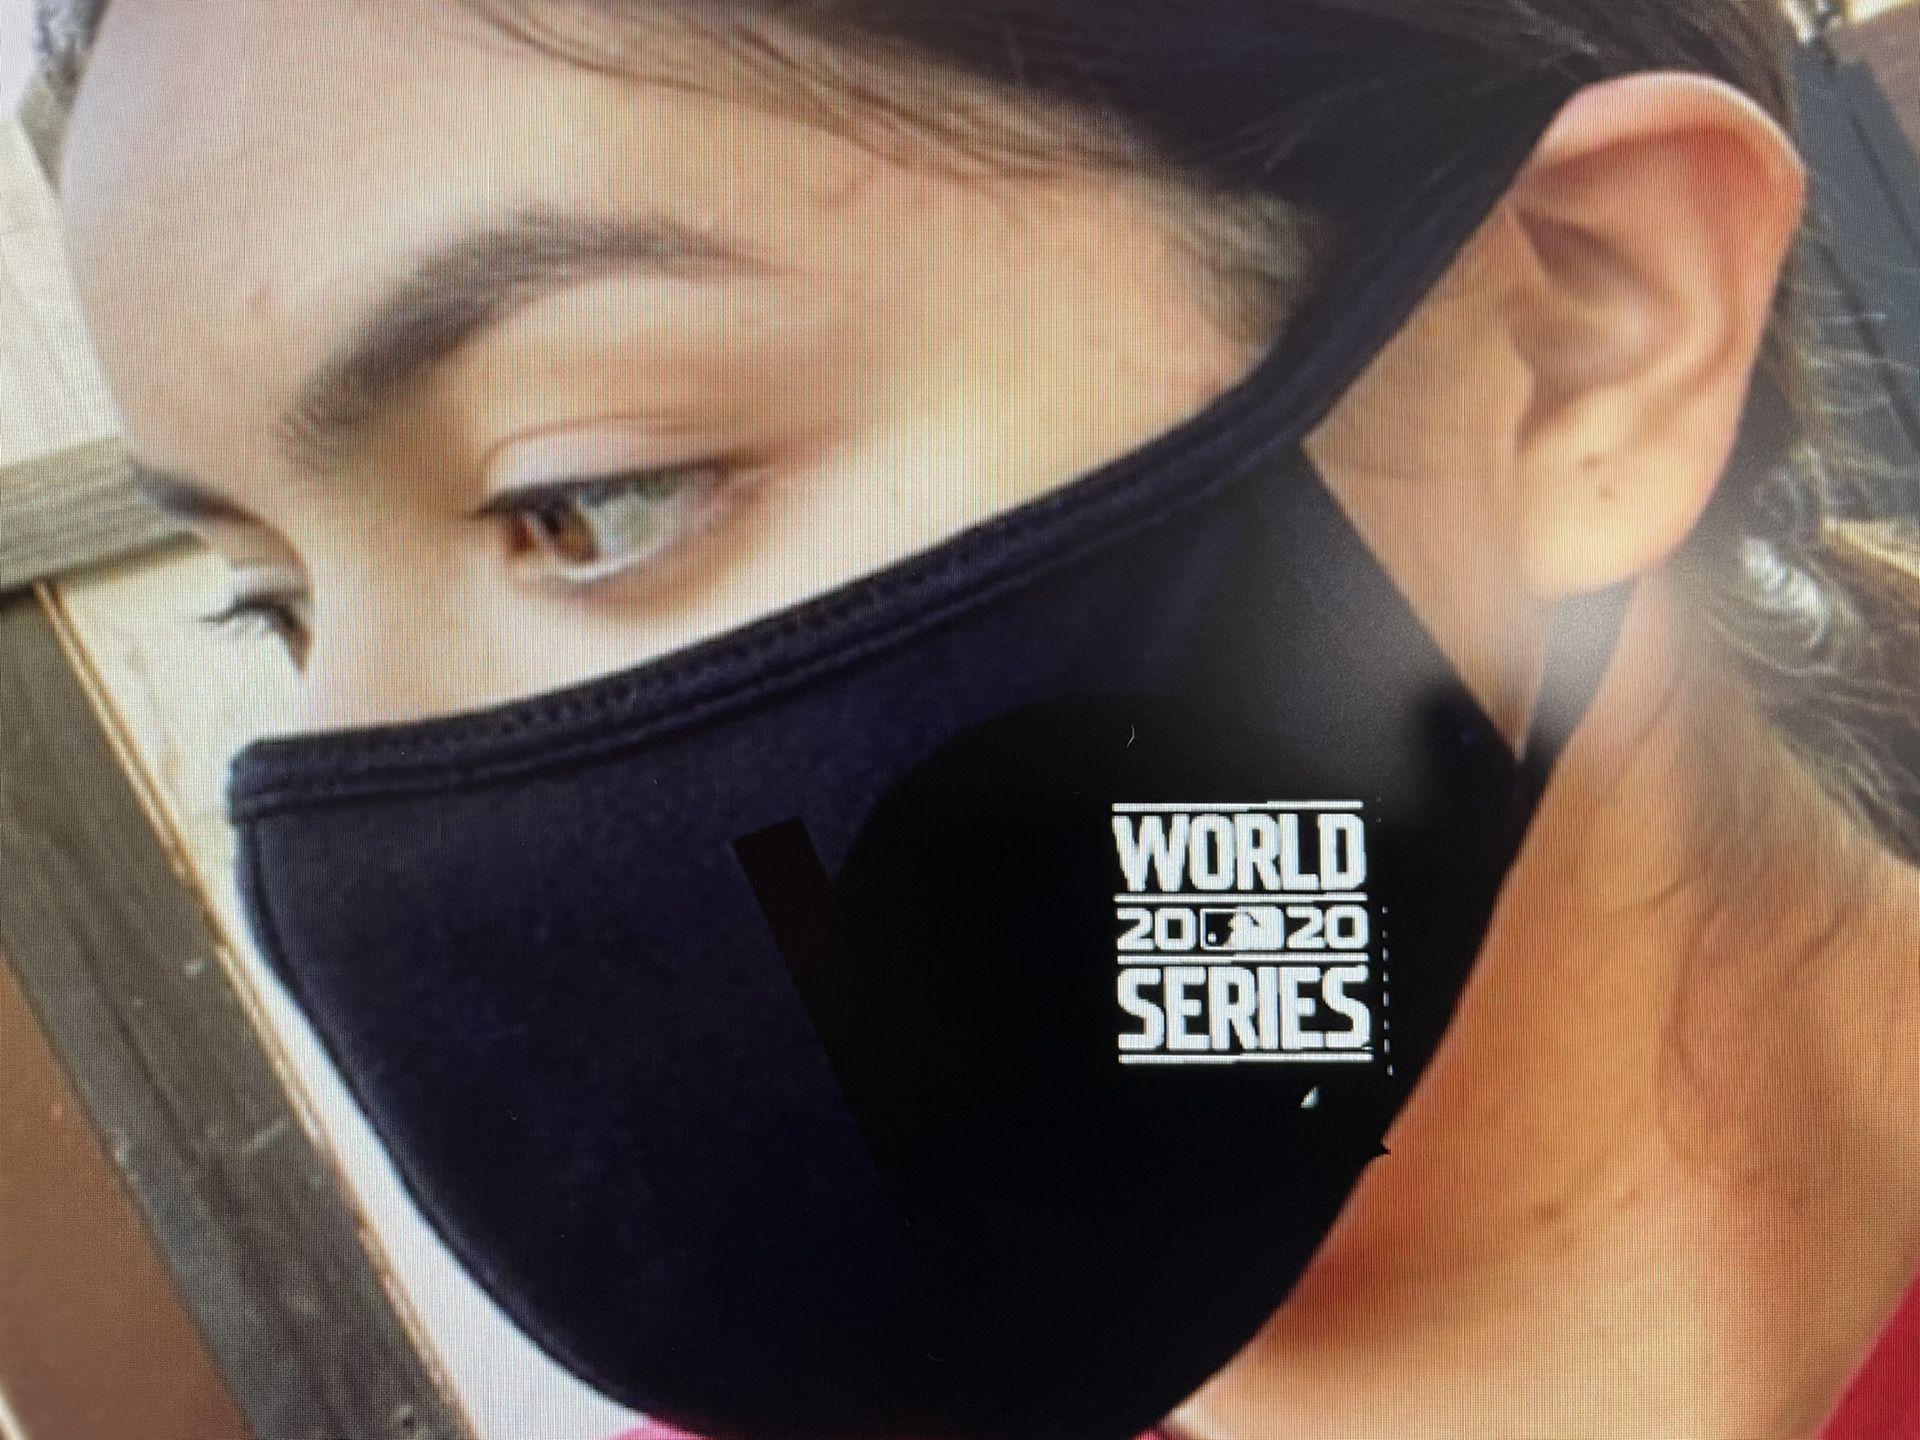 Dodgers World Series face masks